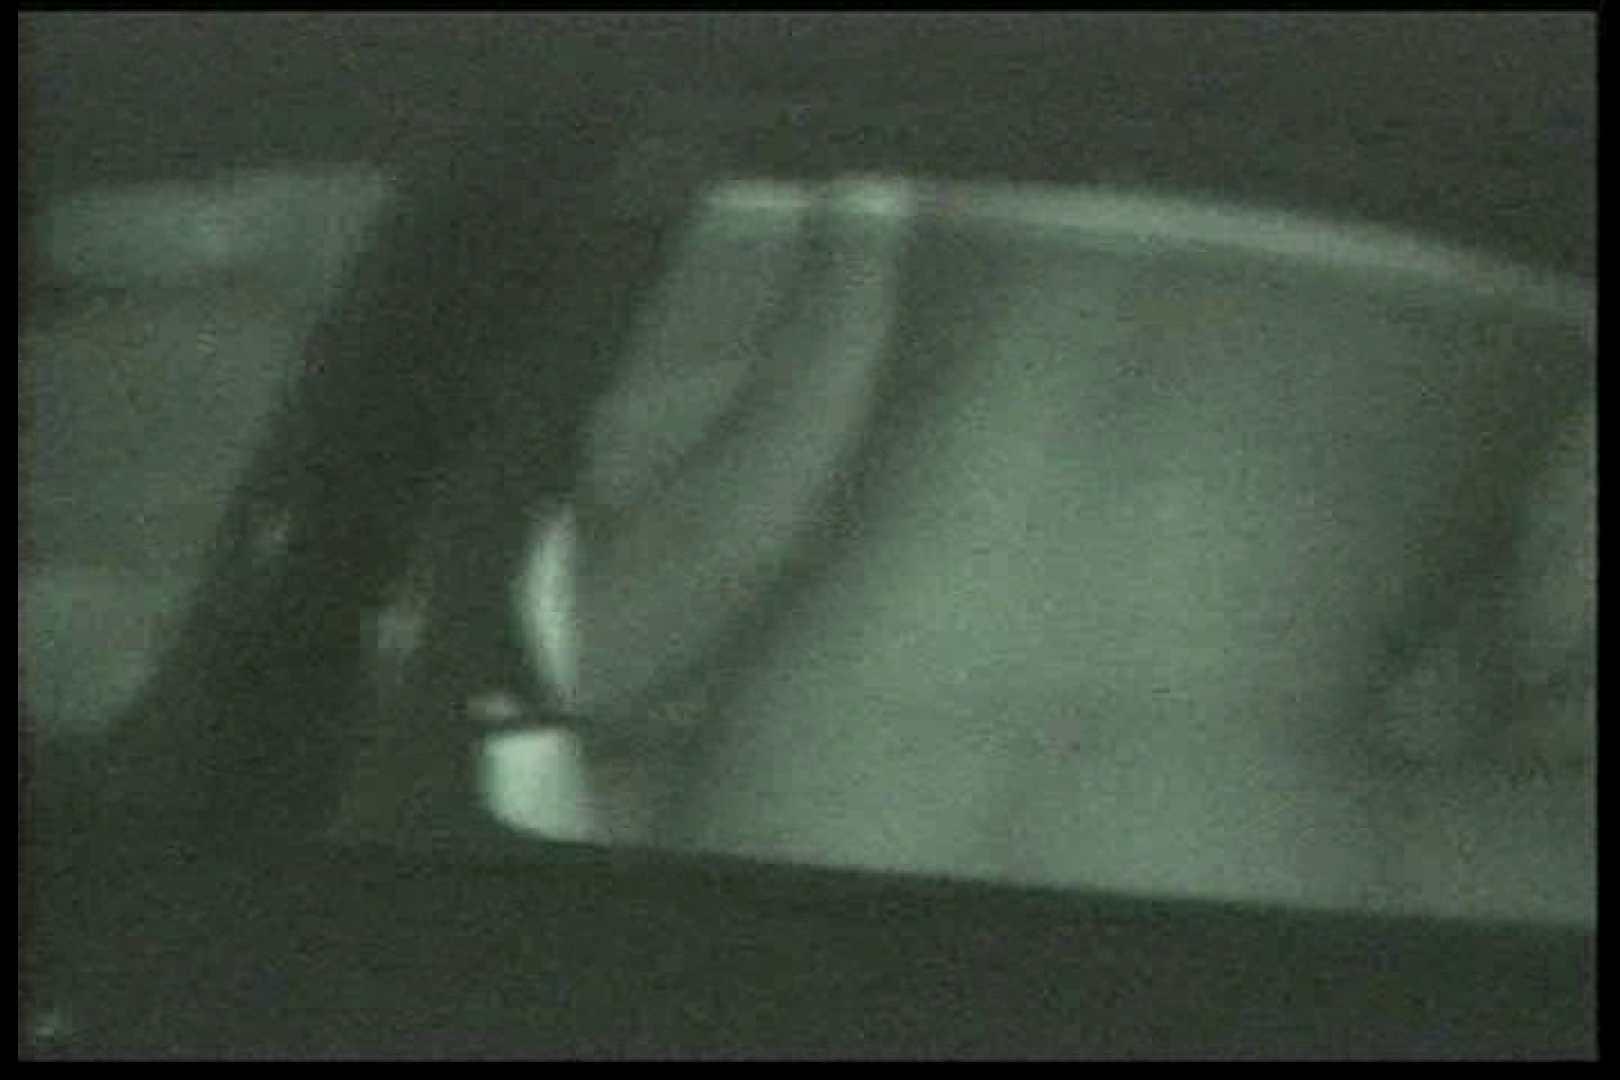 車の中はラブホテル 無修正版  Vol.15 赤外線 SEX無修正画像 73連発 19